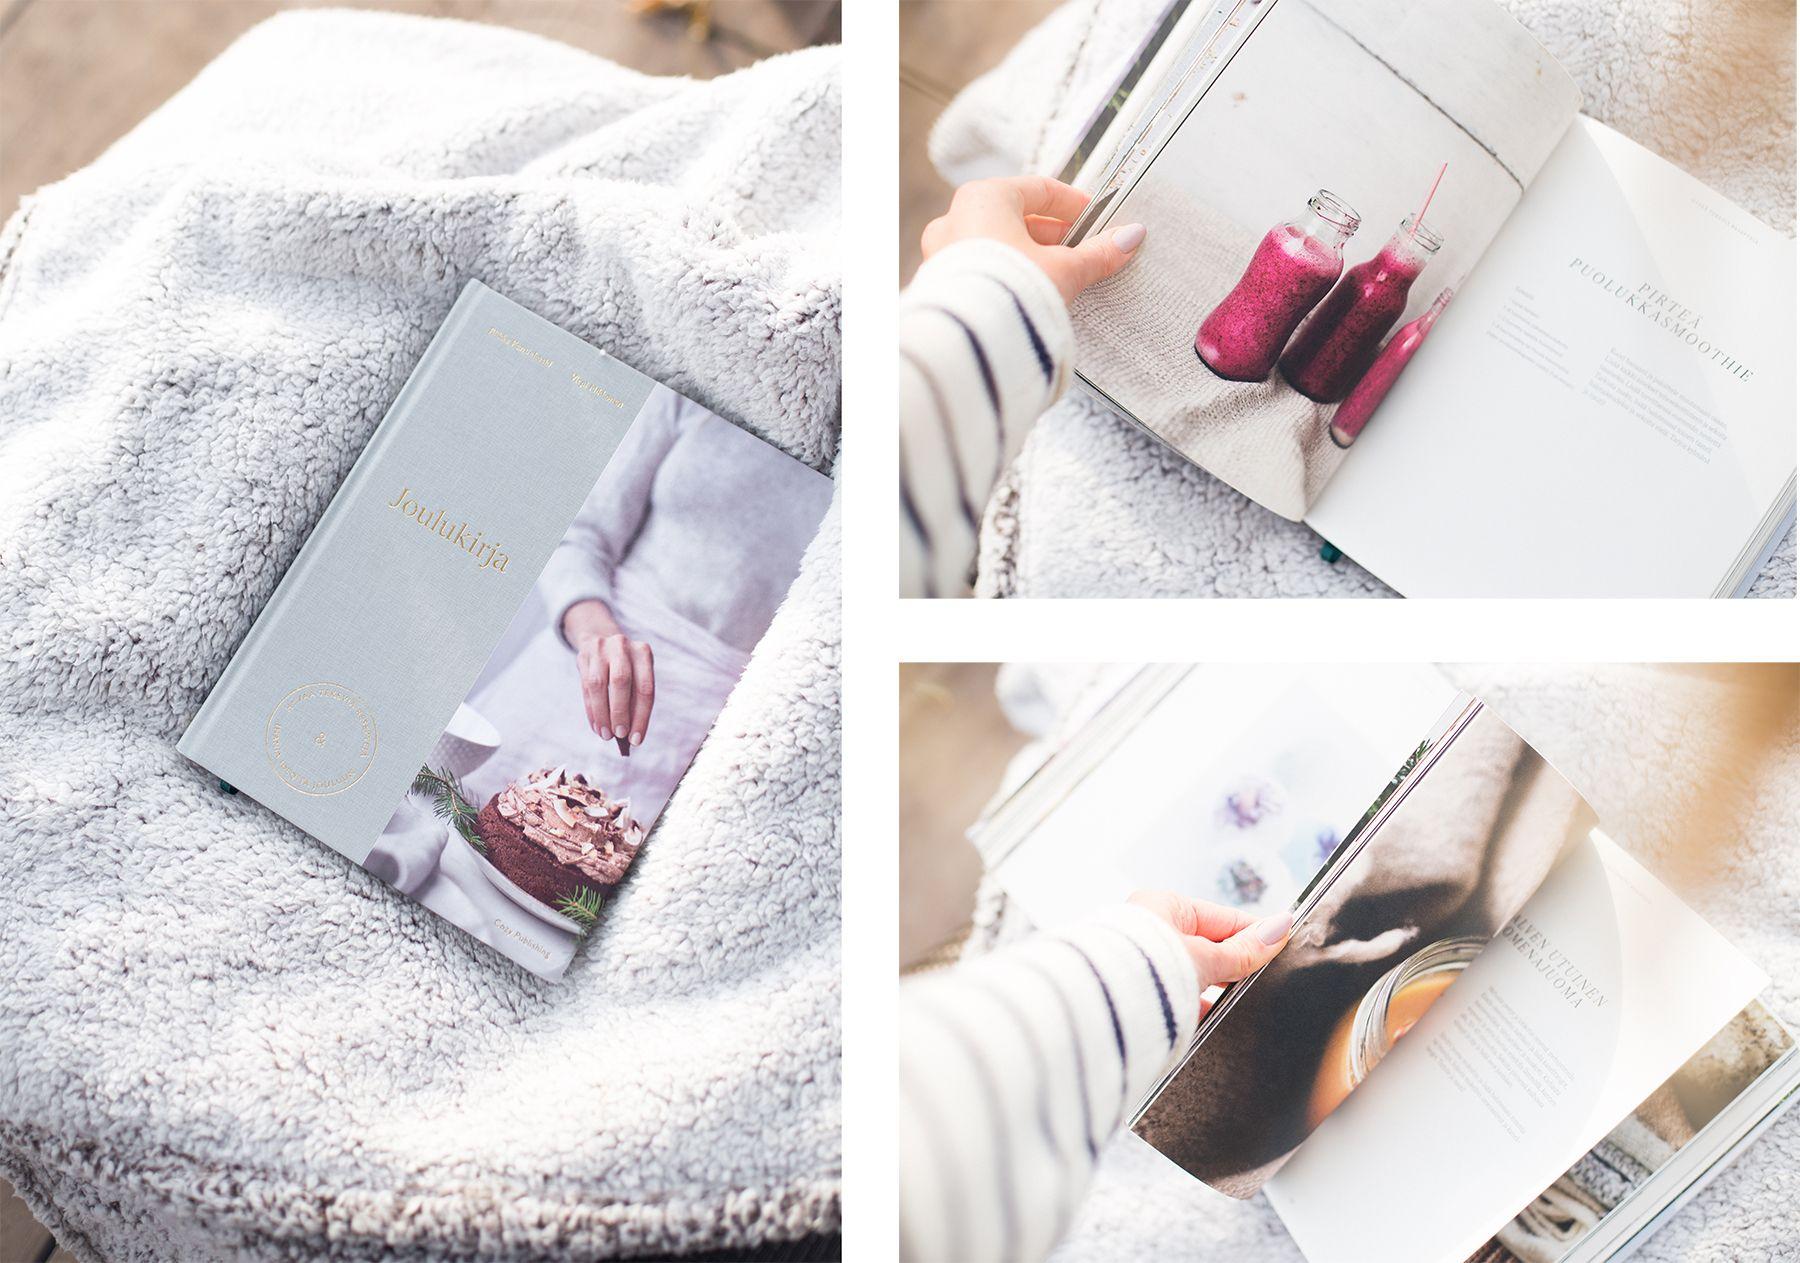 Paketista löytyi kahden inspiroivan, ihanan ja lahjakkaan naisen, Riikka Katinkosken ja Virpi Mikkosen, Joulukirja. Kaunis, tunnelmallinen ja houkutteleva kirja, joka sai minut rauhoittumaan teekupin ääreen - ja vei levolliseen joulutunnelmaan.